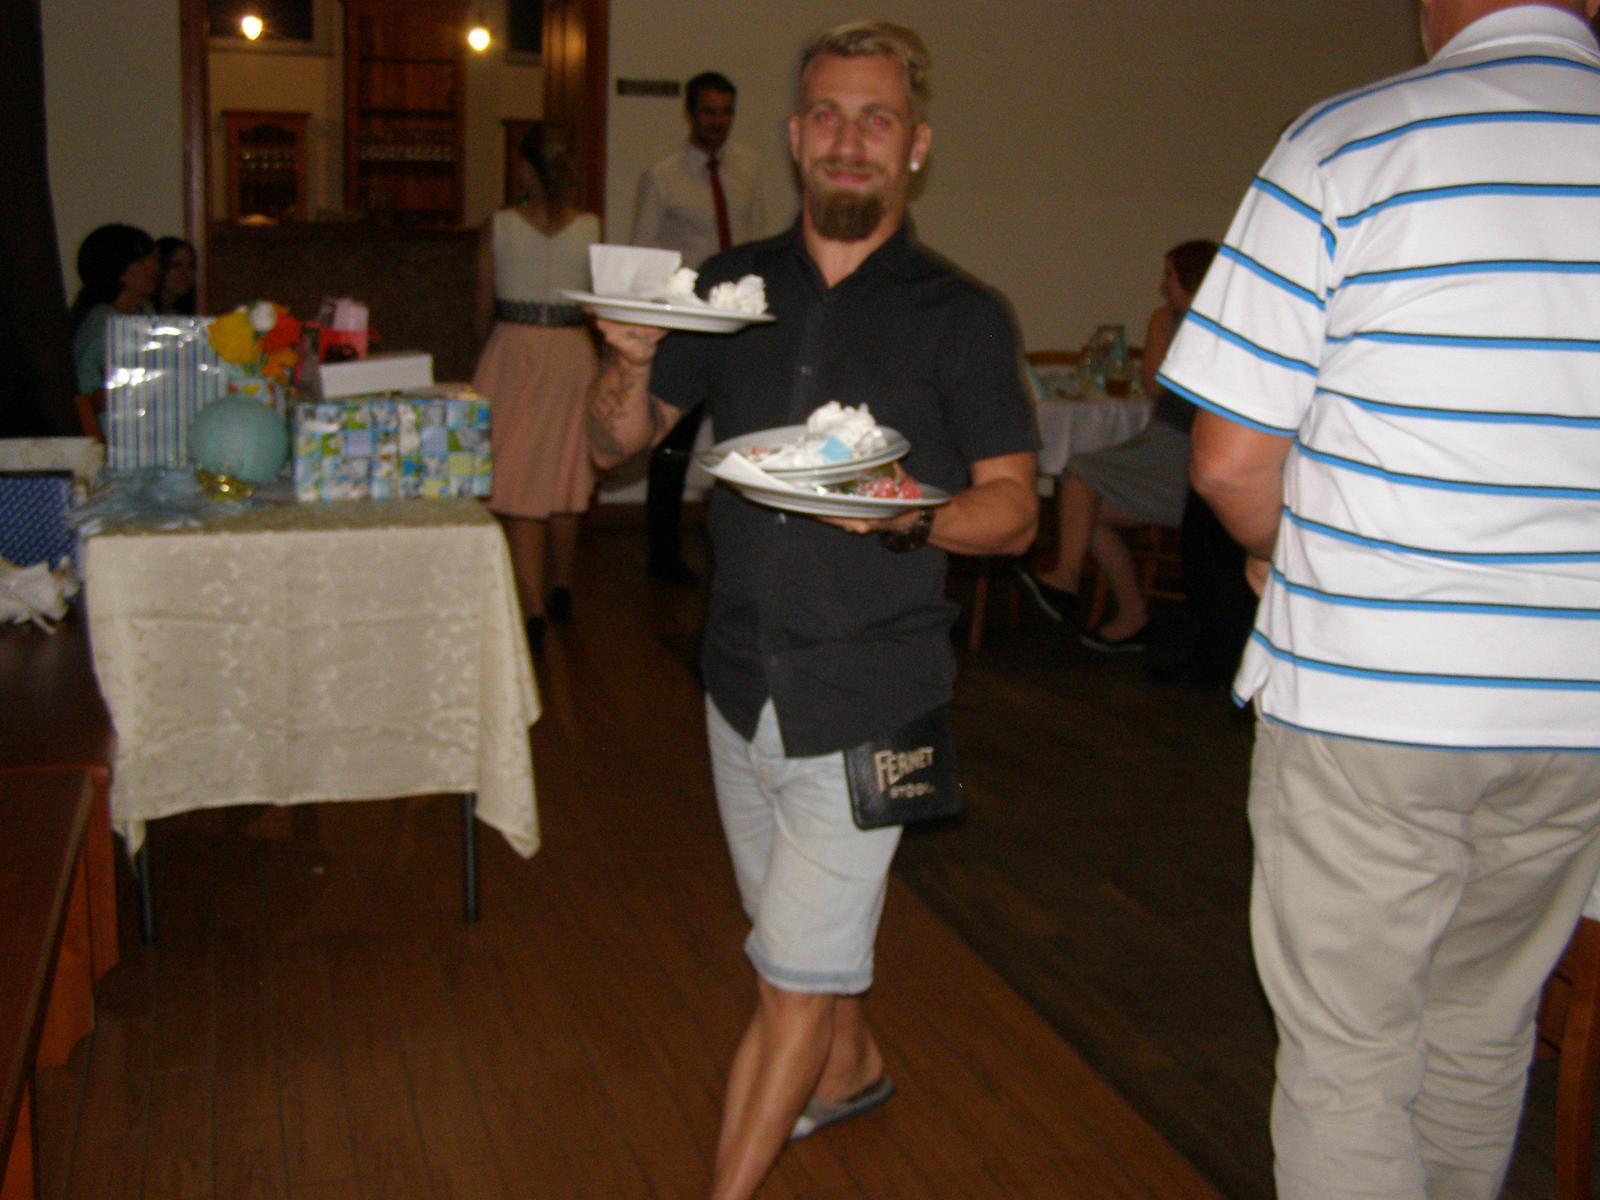 Pivovar Podlesí - svatba 2.9.2016 - .....obsluha vzorná........... ceny mírné.............  milý, ochotný a příjemný personál.........